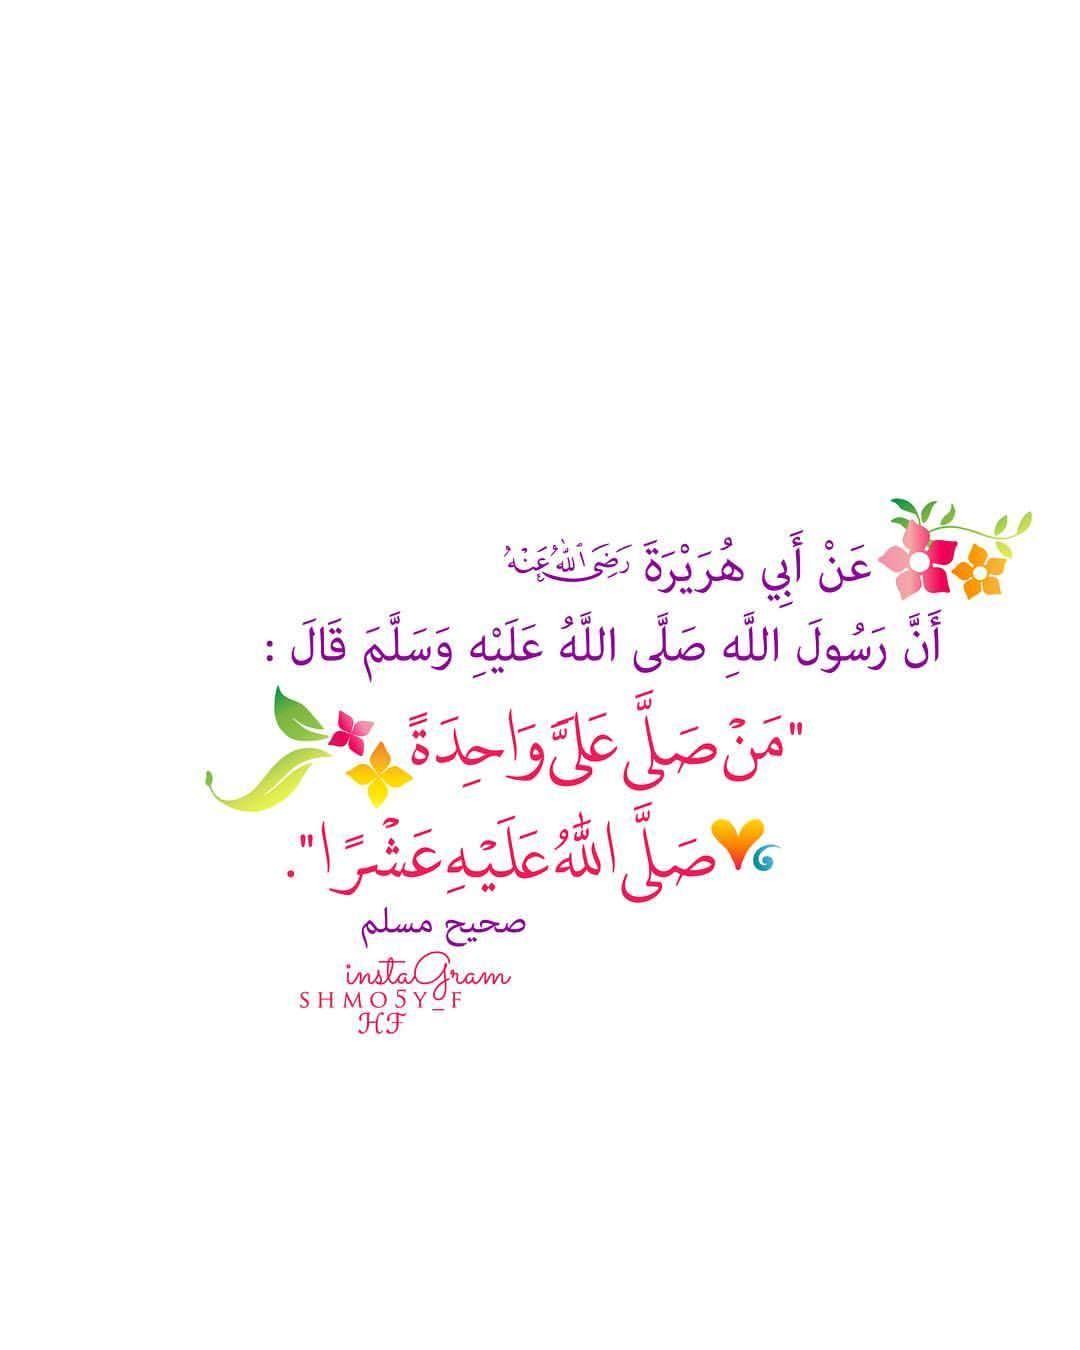 Shmo5yf Instagram Islam Muslim Allah رمزيات غرد بصورة دين استغفار الوتر صدقة جارية وذكر ذكر تسبيح Islam Quran Islam Pray